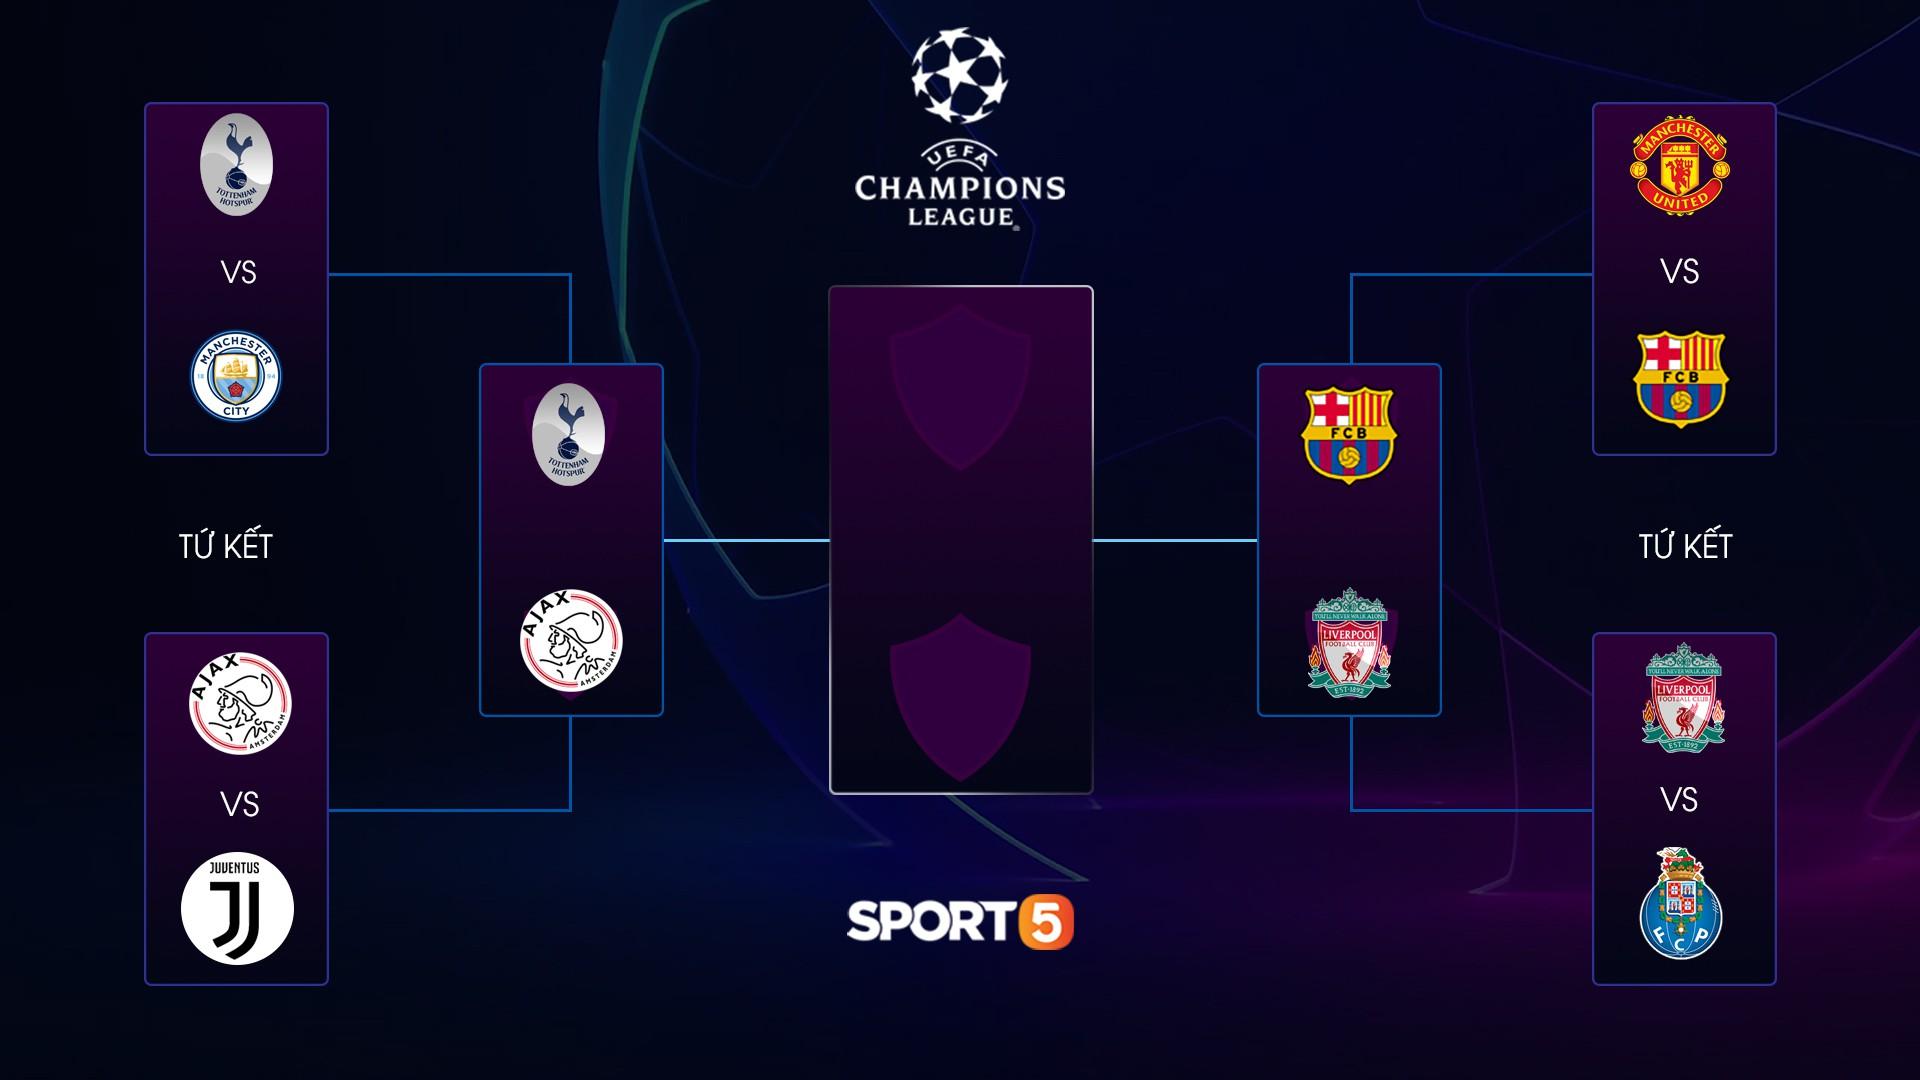 Cập nhật: Lịch thi đấu bán kết Champions League châu Âu - giải đấu danh giá nhất thế giới dành cho CLB - Ảnh 3.